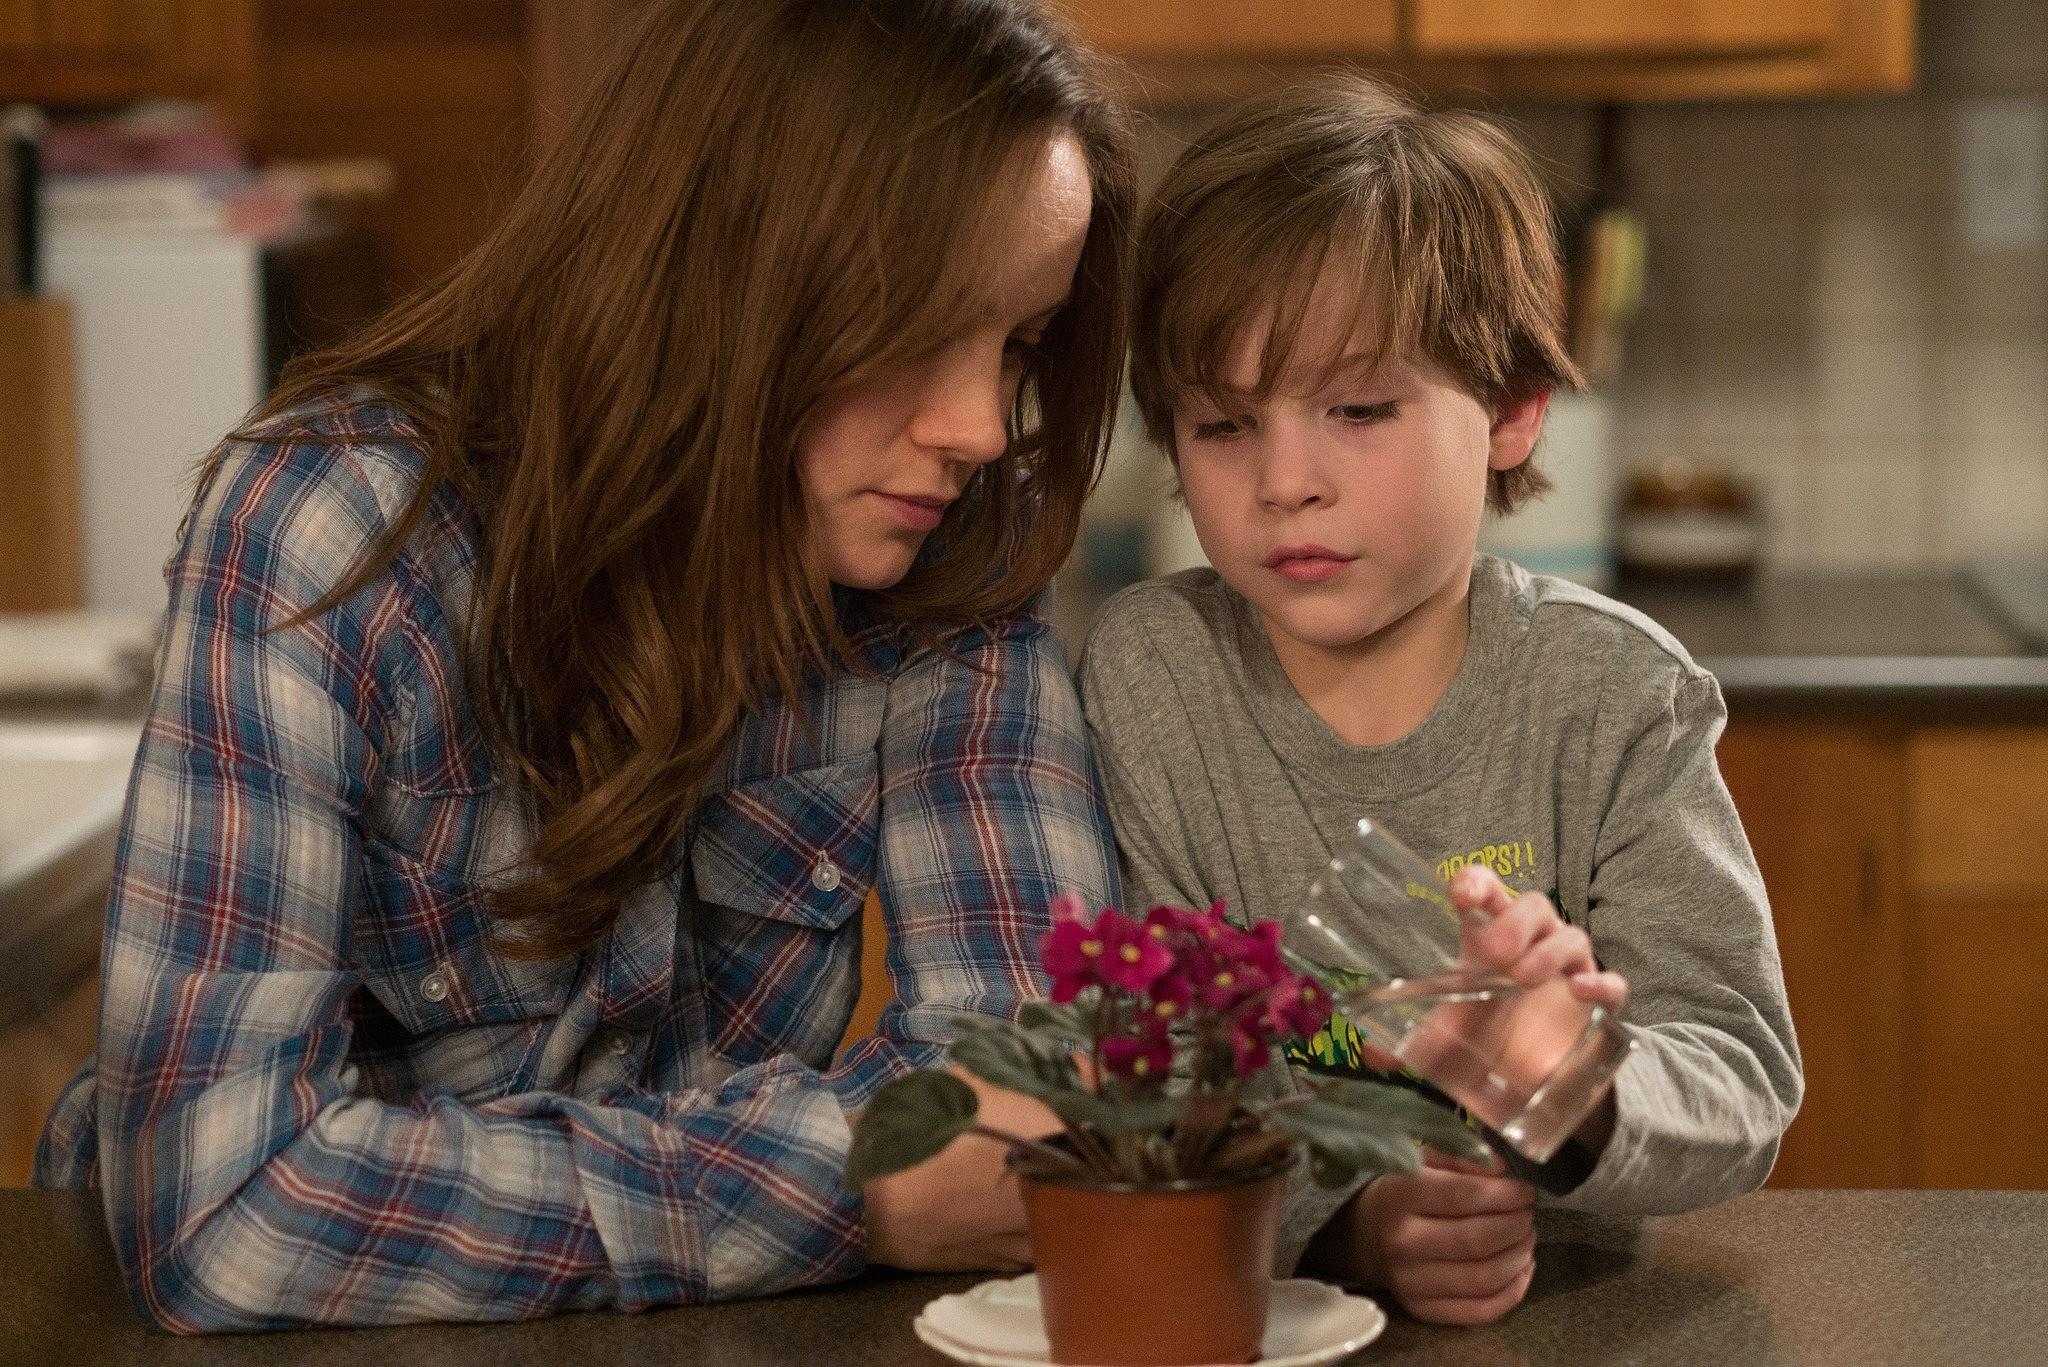 Под силу даже детям: подбери домашние обязанности по возрасту ребенка